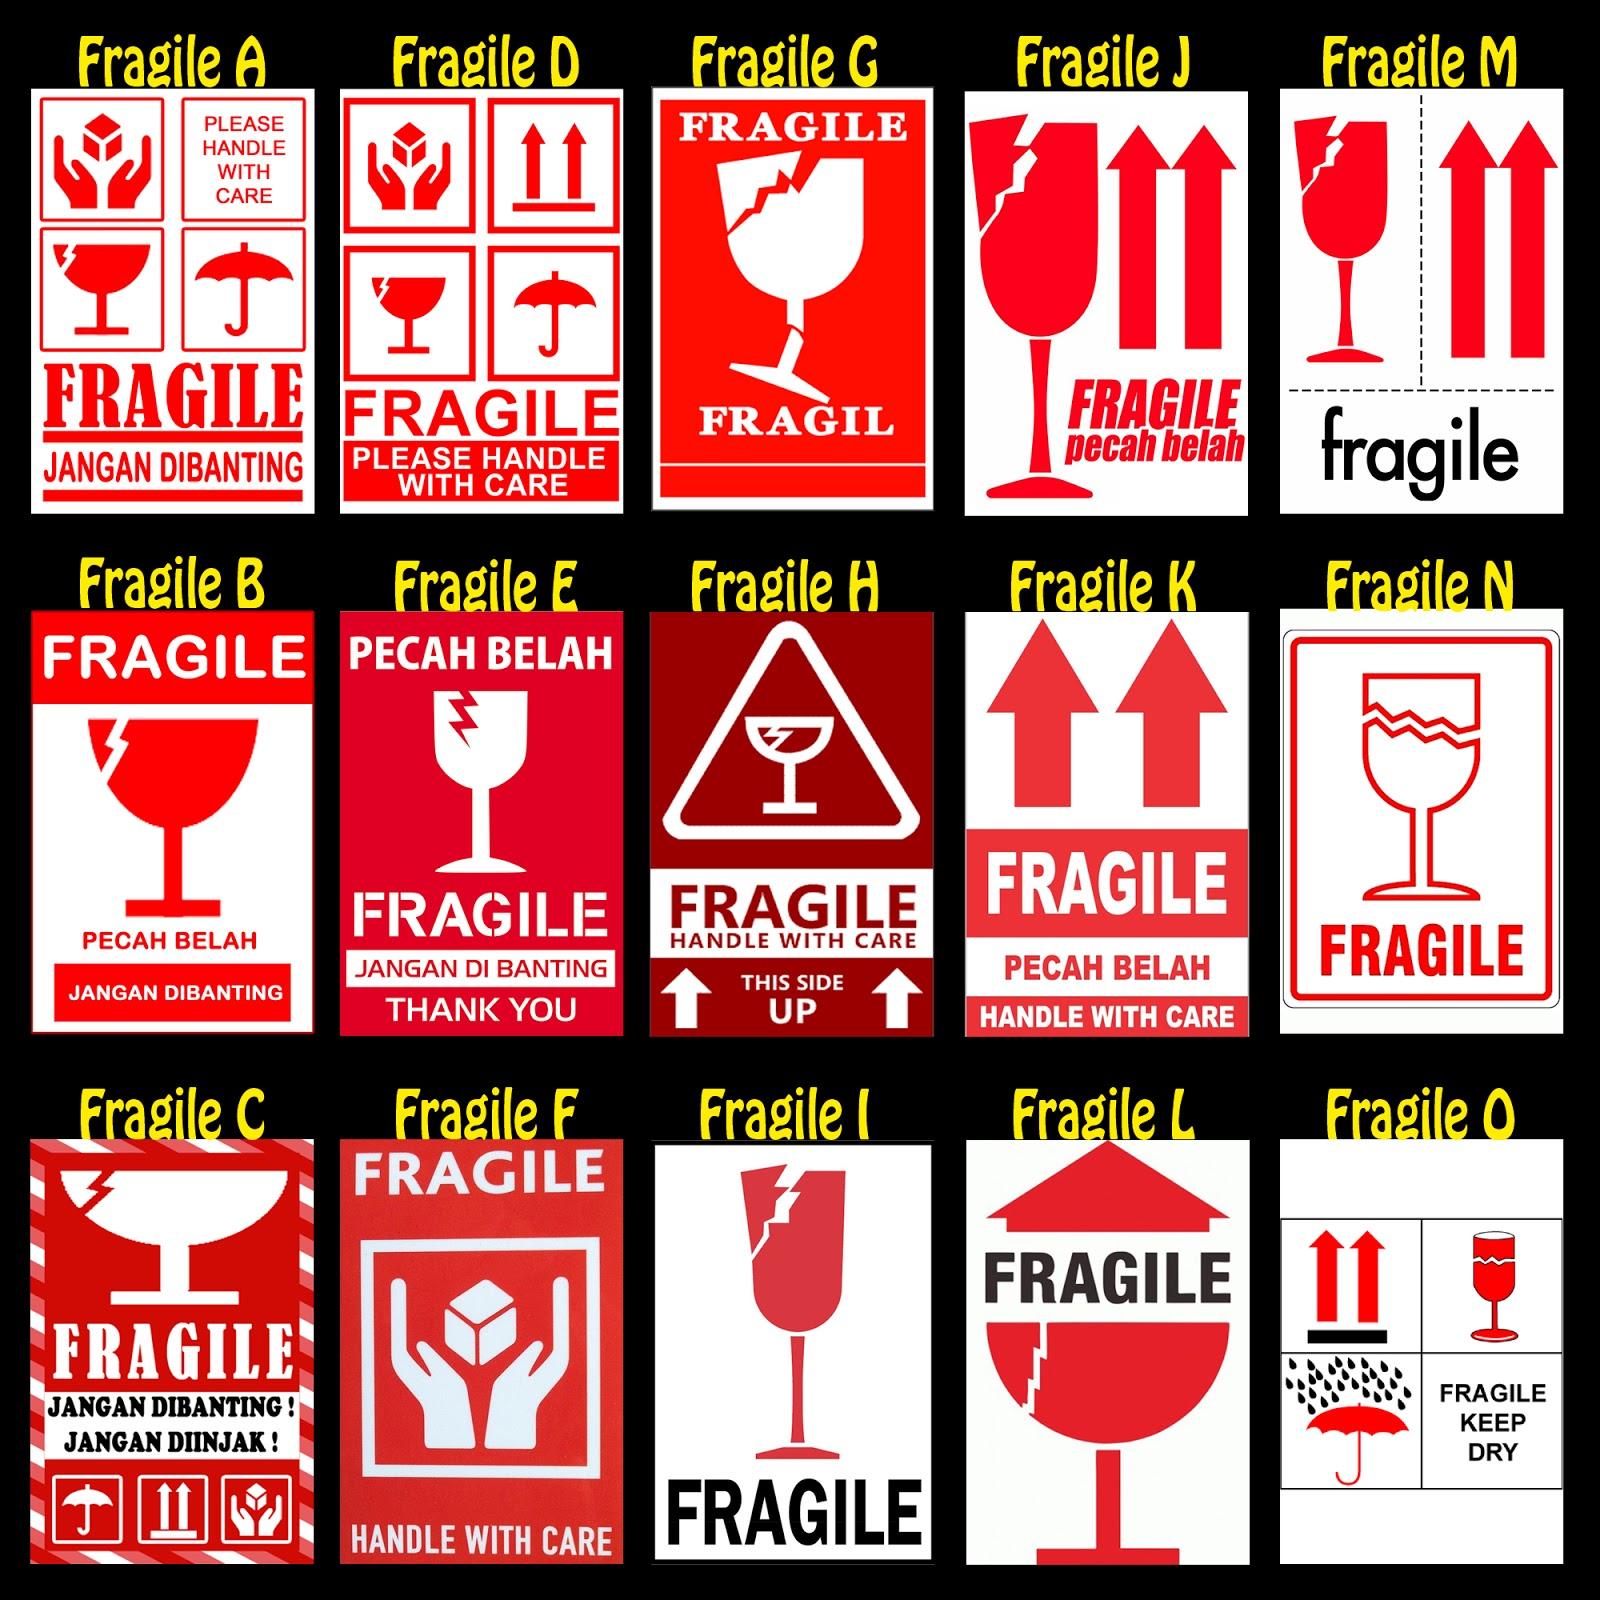 jual sticker fragile, stiker pecah belah pengiriman murah